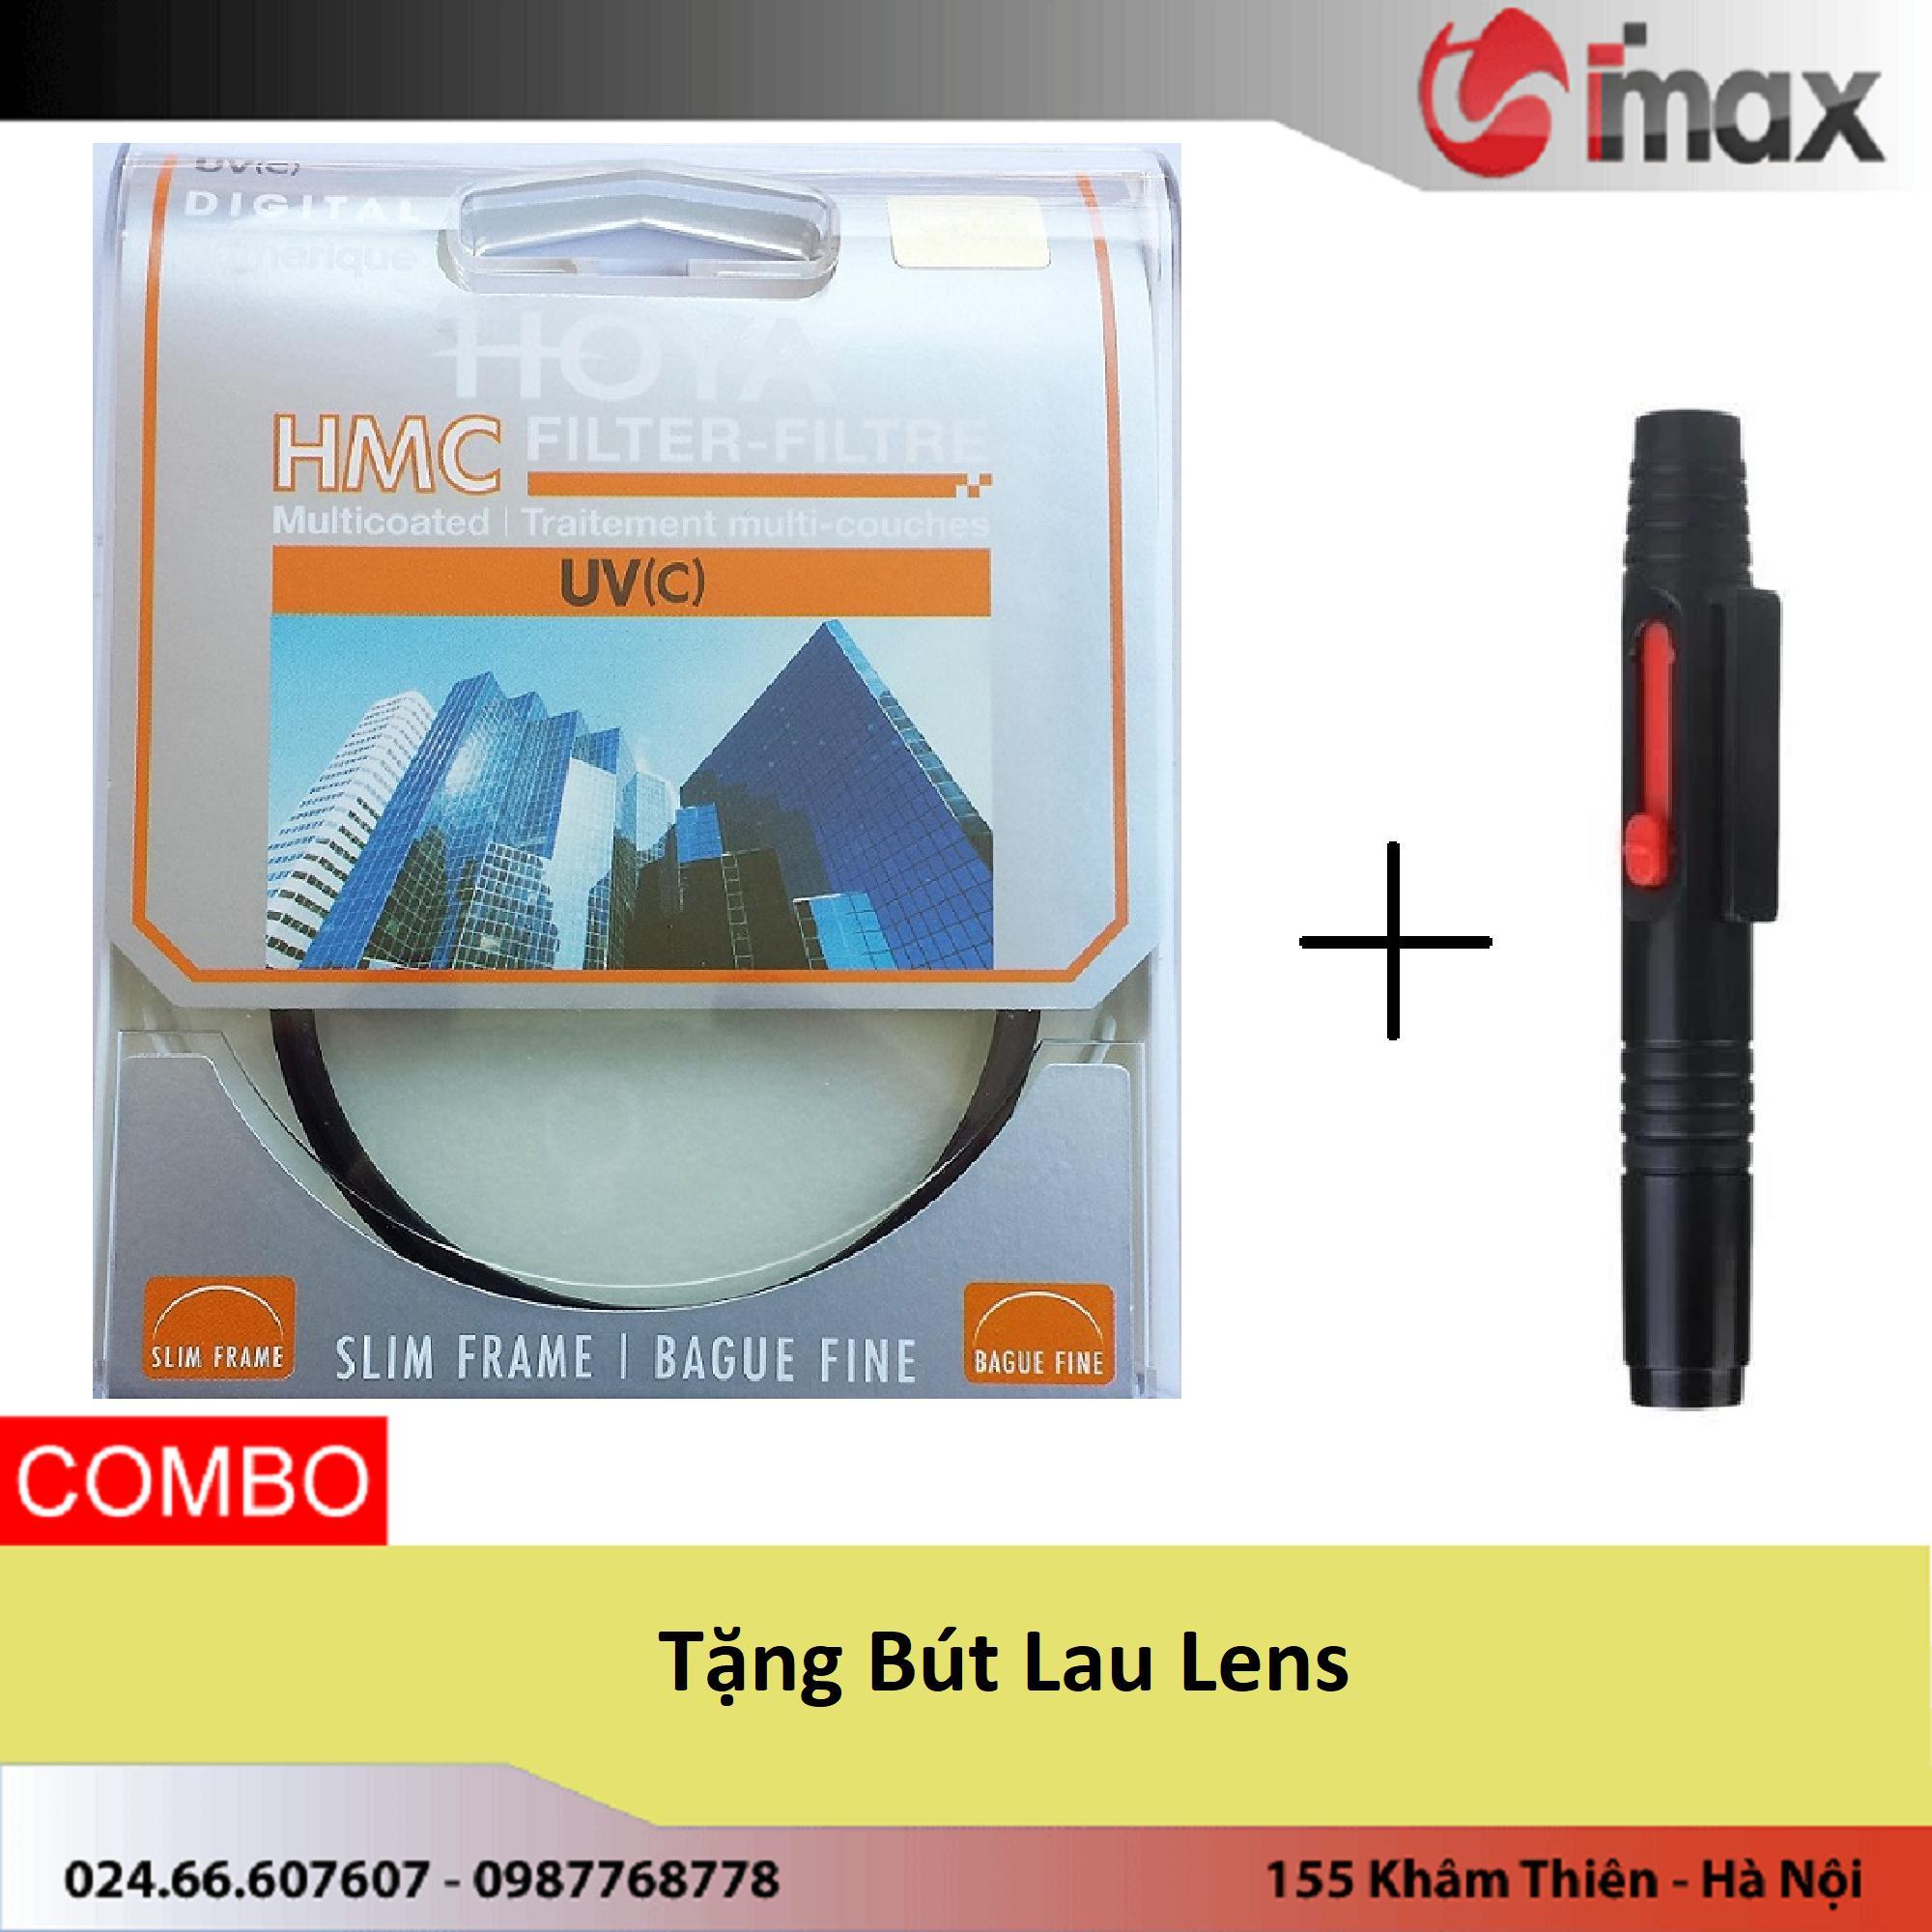 Ôn Tập Trên Kinh Lọc Filter Hoya Hmc Uv 52Mm But Lau Lens